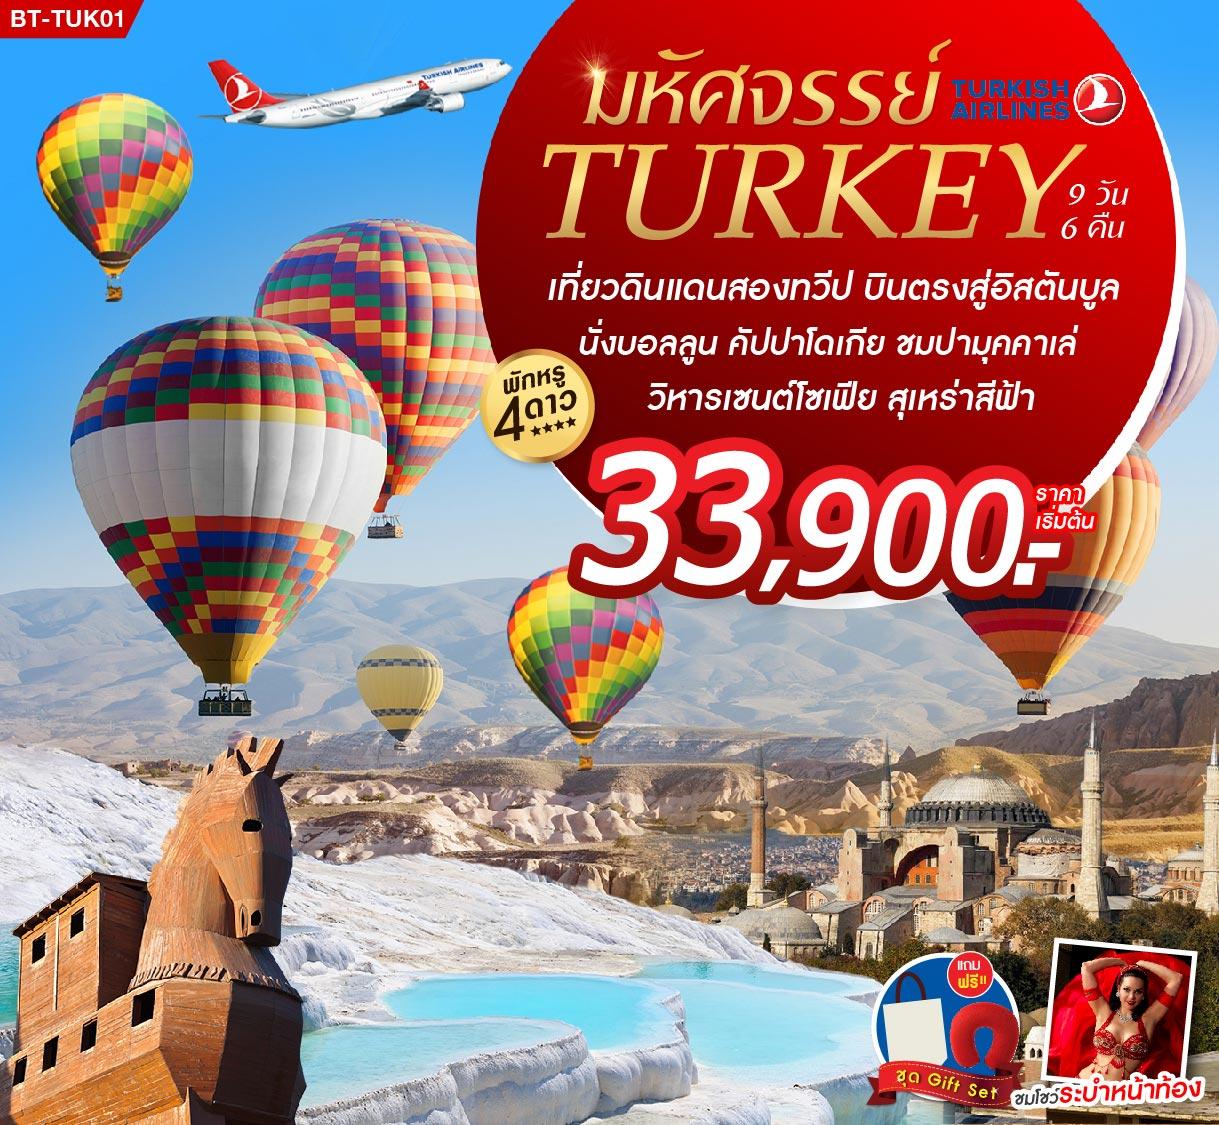 ทัวร์ตุรกี-ปีใหม่-มหัศจรรย์ตุรกี-บืนตรง-9-วัน-6-คืน-(NOV18-JAN19-)-TUK01